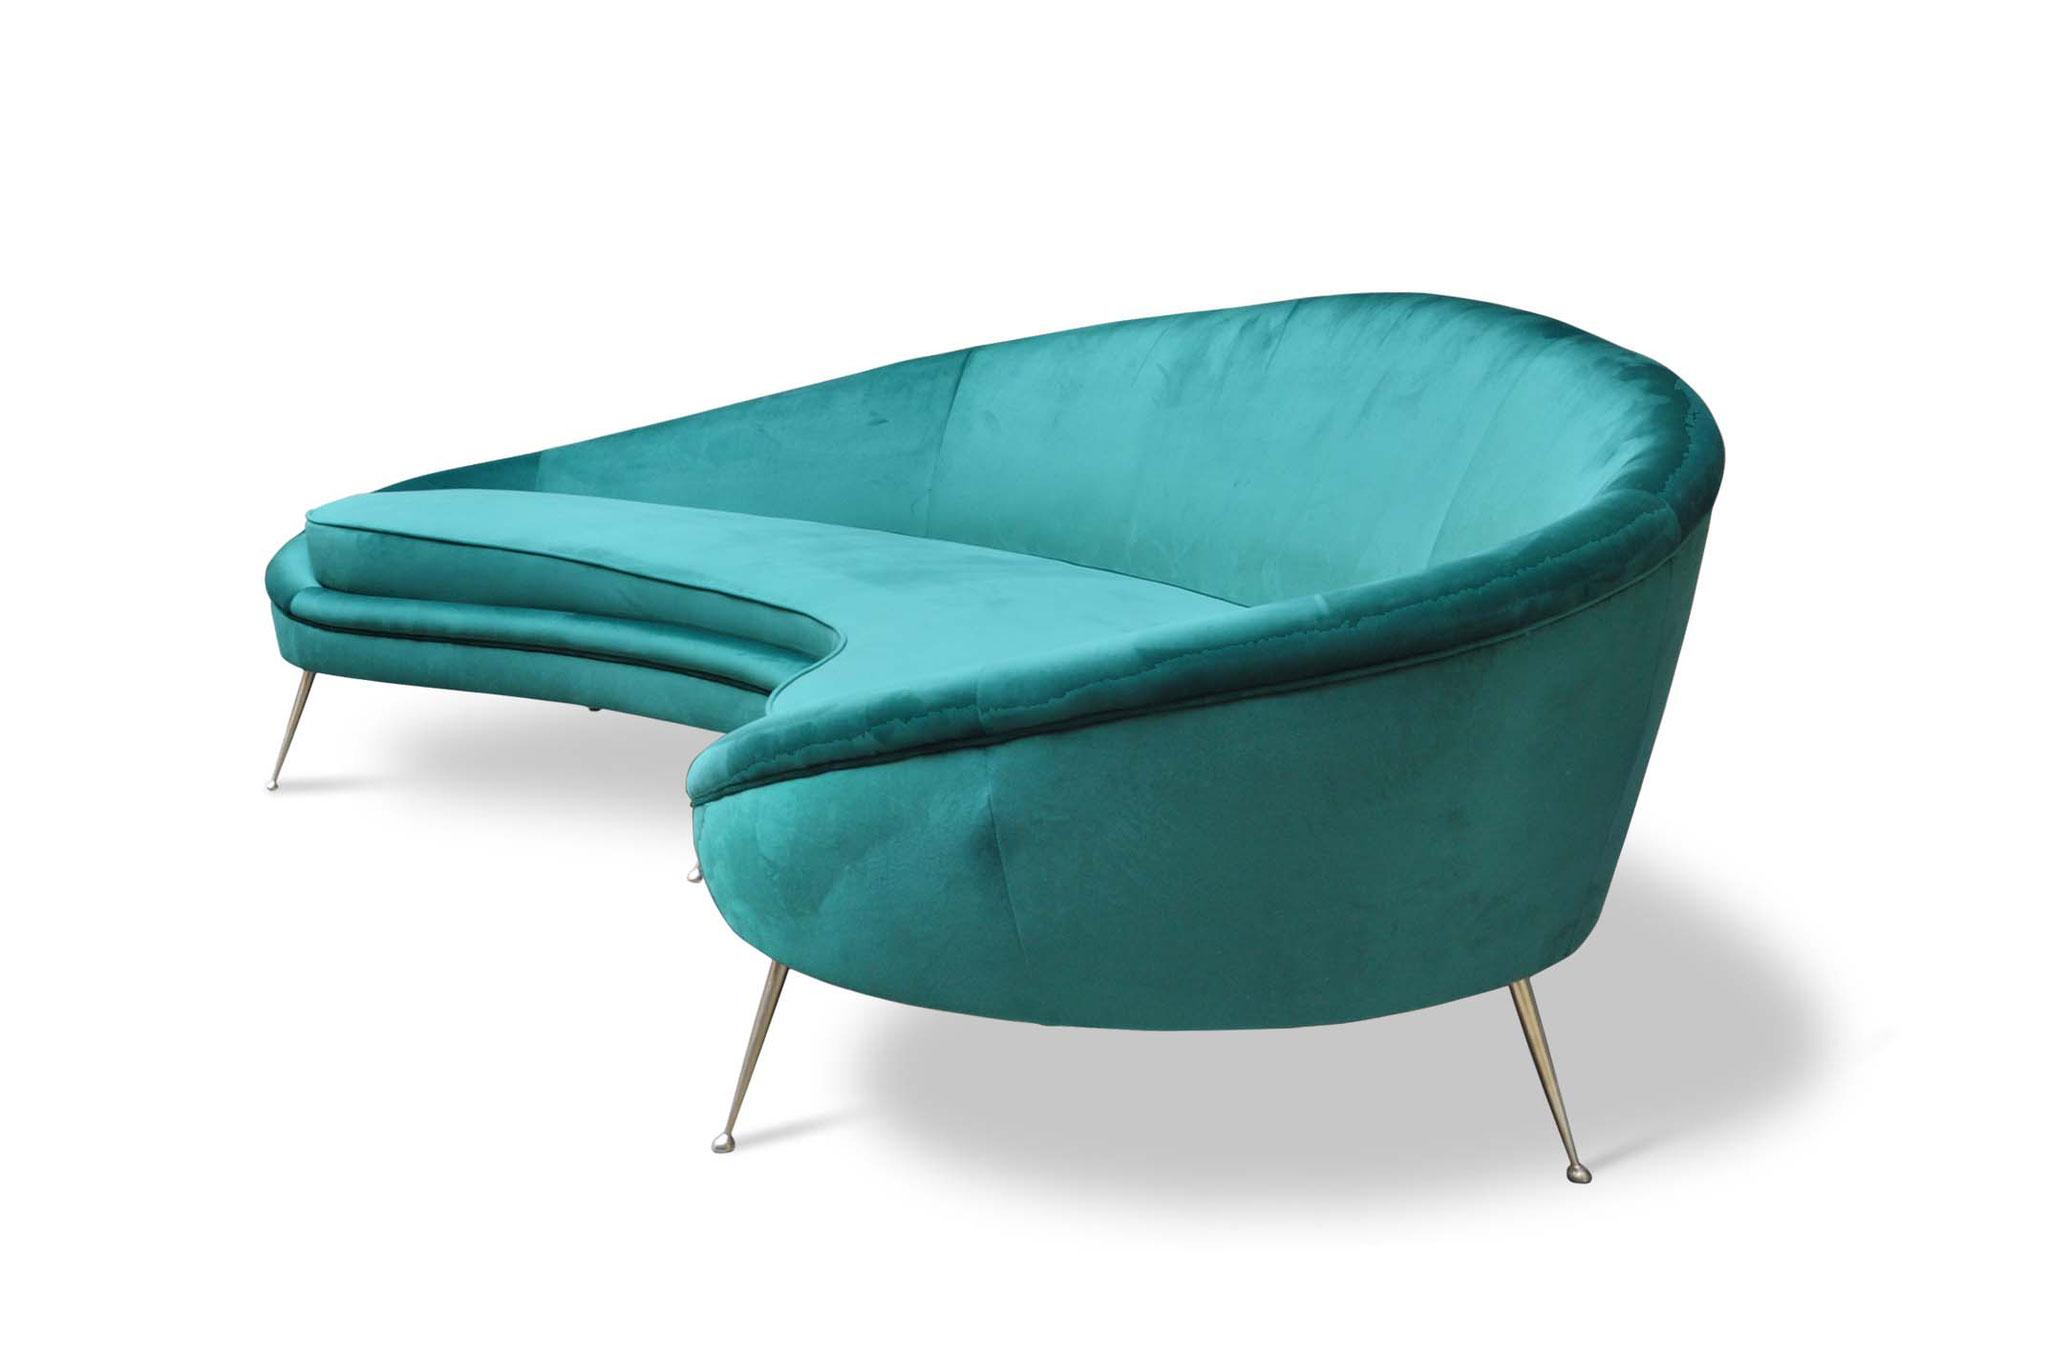 Divano Ico Parisi mid century modern sofa